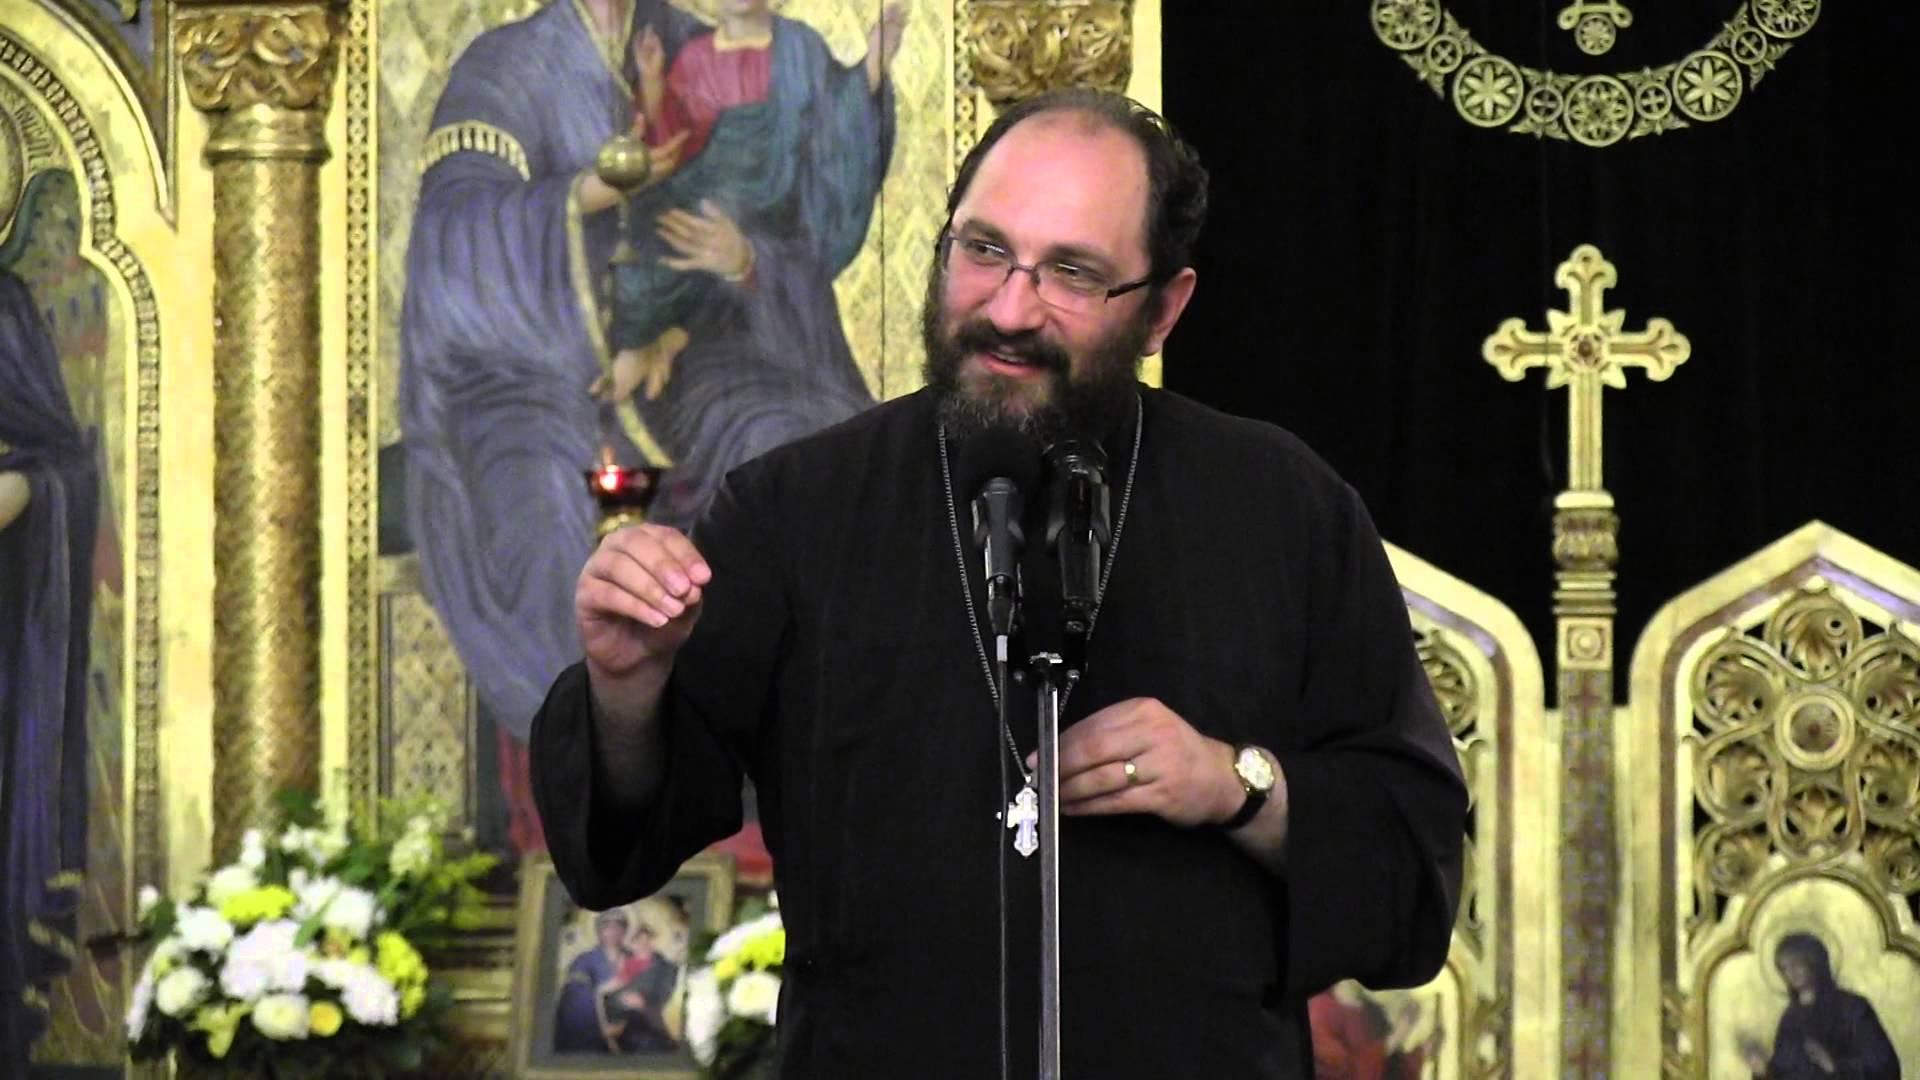 """Părintele Constantin Necula, interviu: """"E clar că nimic nu bate preoţia. Mi-am dorit să fiu ofiţer. Am ajuns ofiţer într-o altfel de armată""""."""